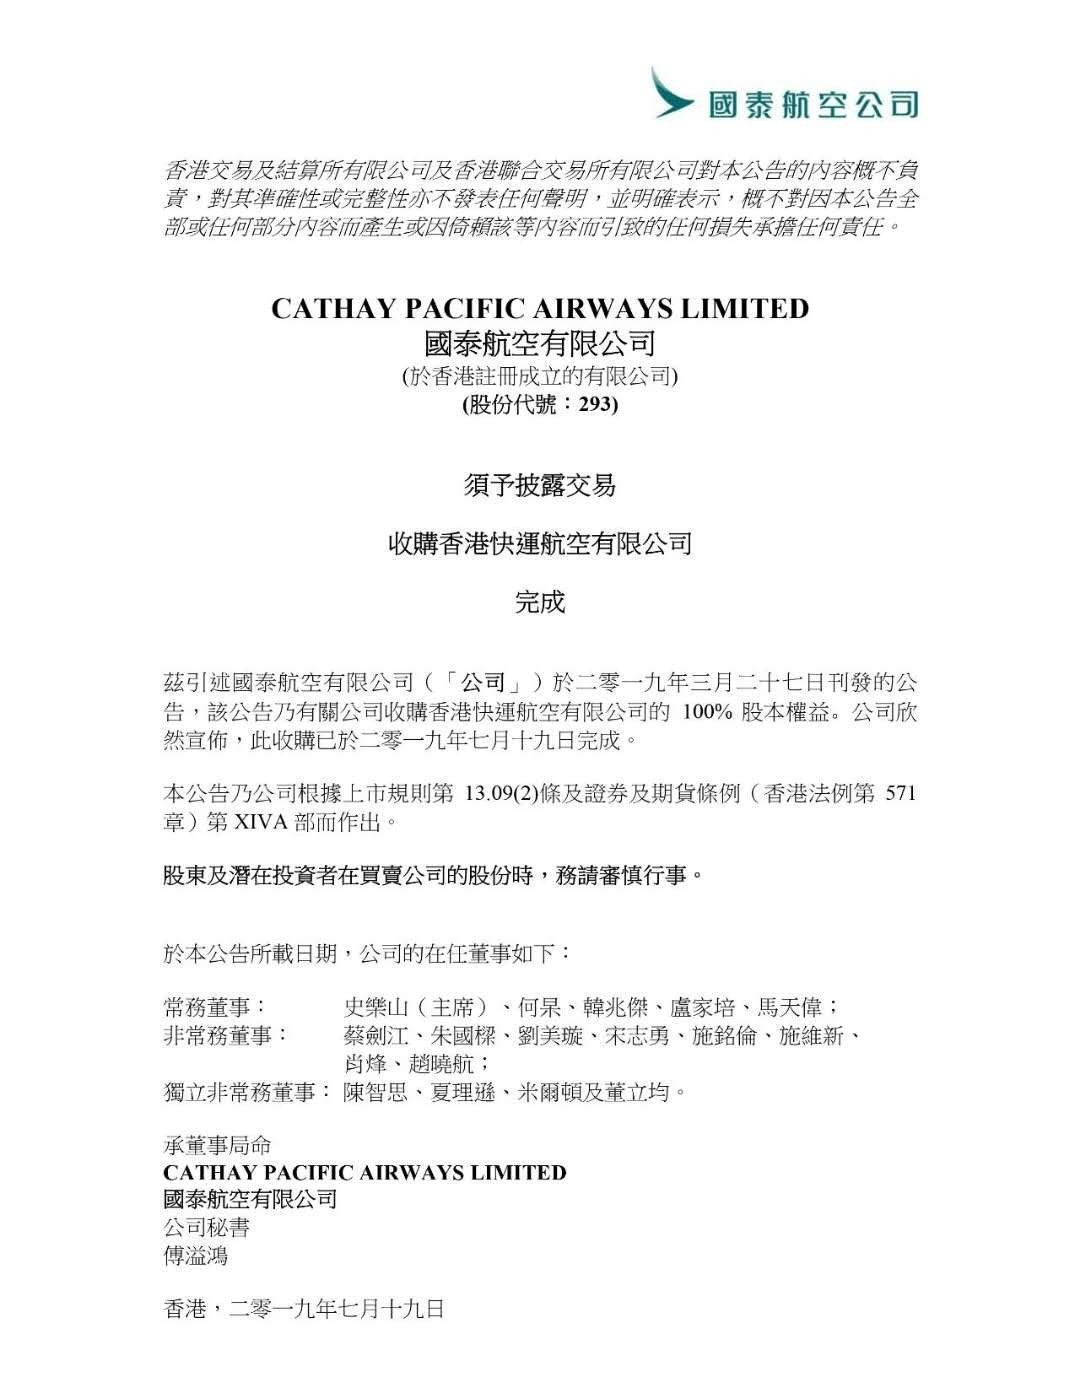 国泰航空完成收购香港快运航空100%权益